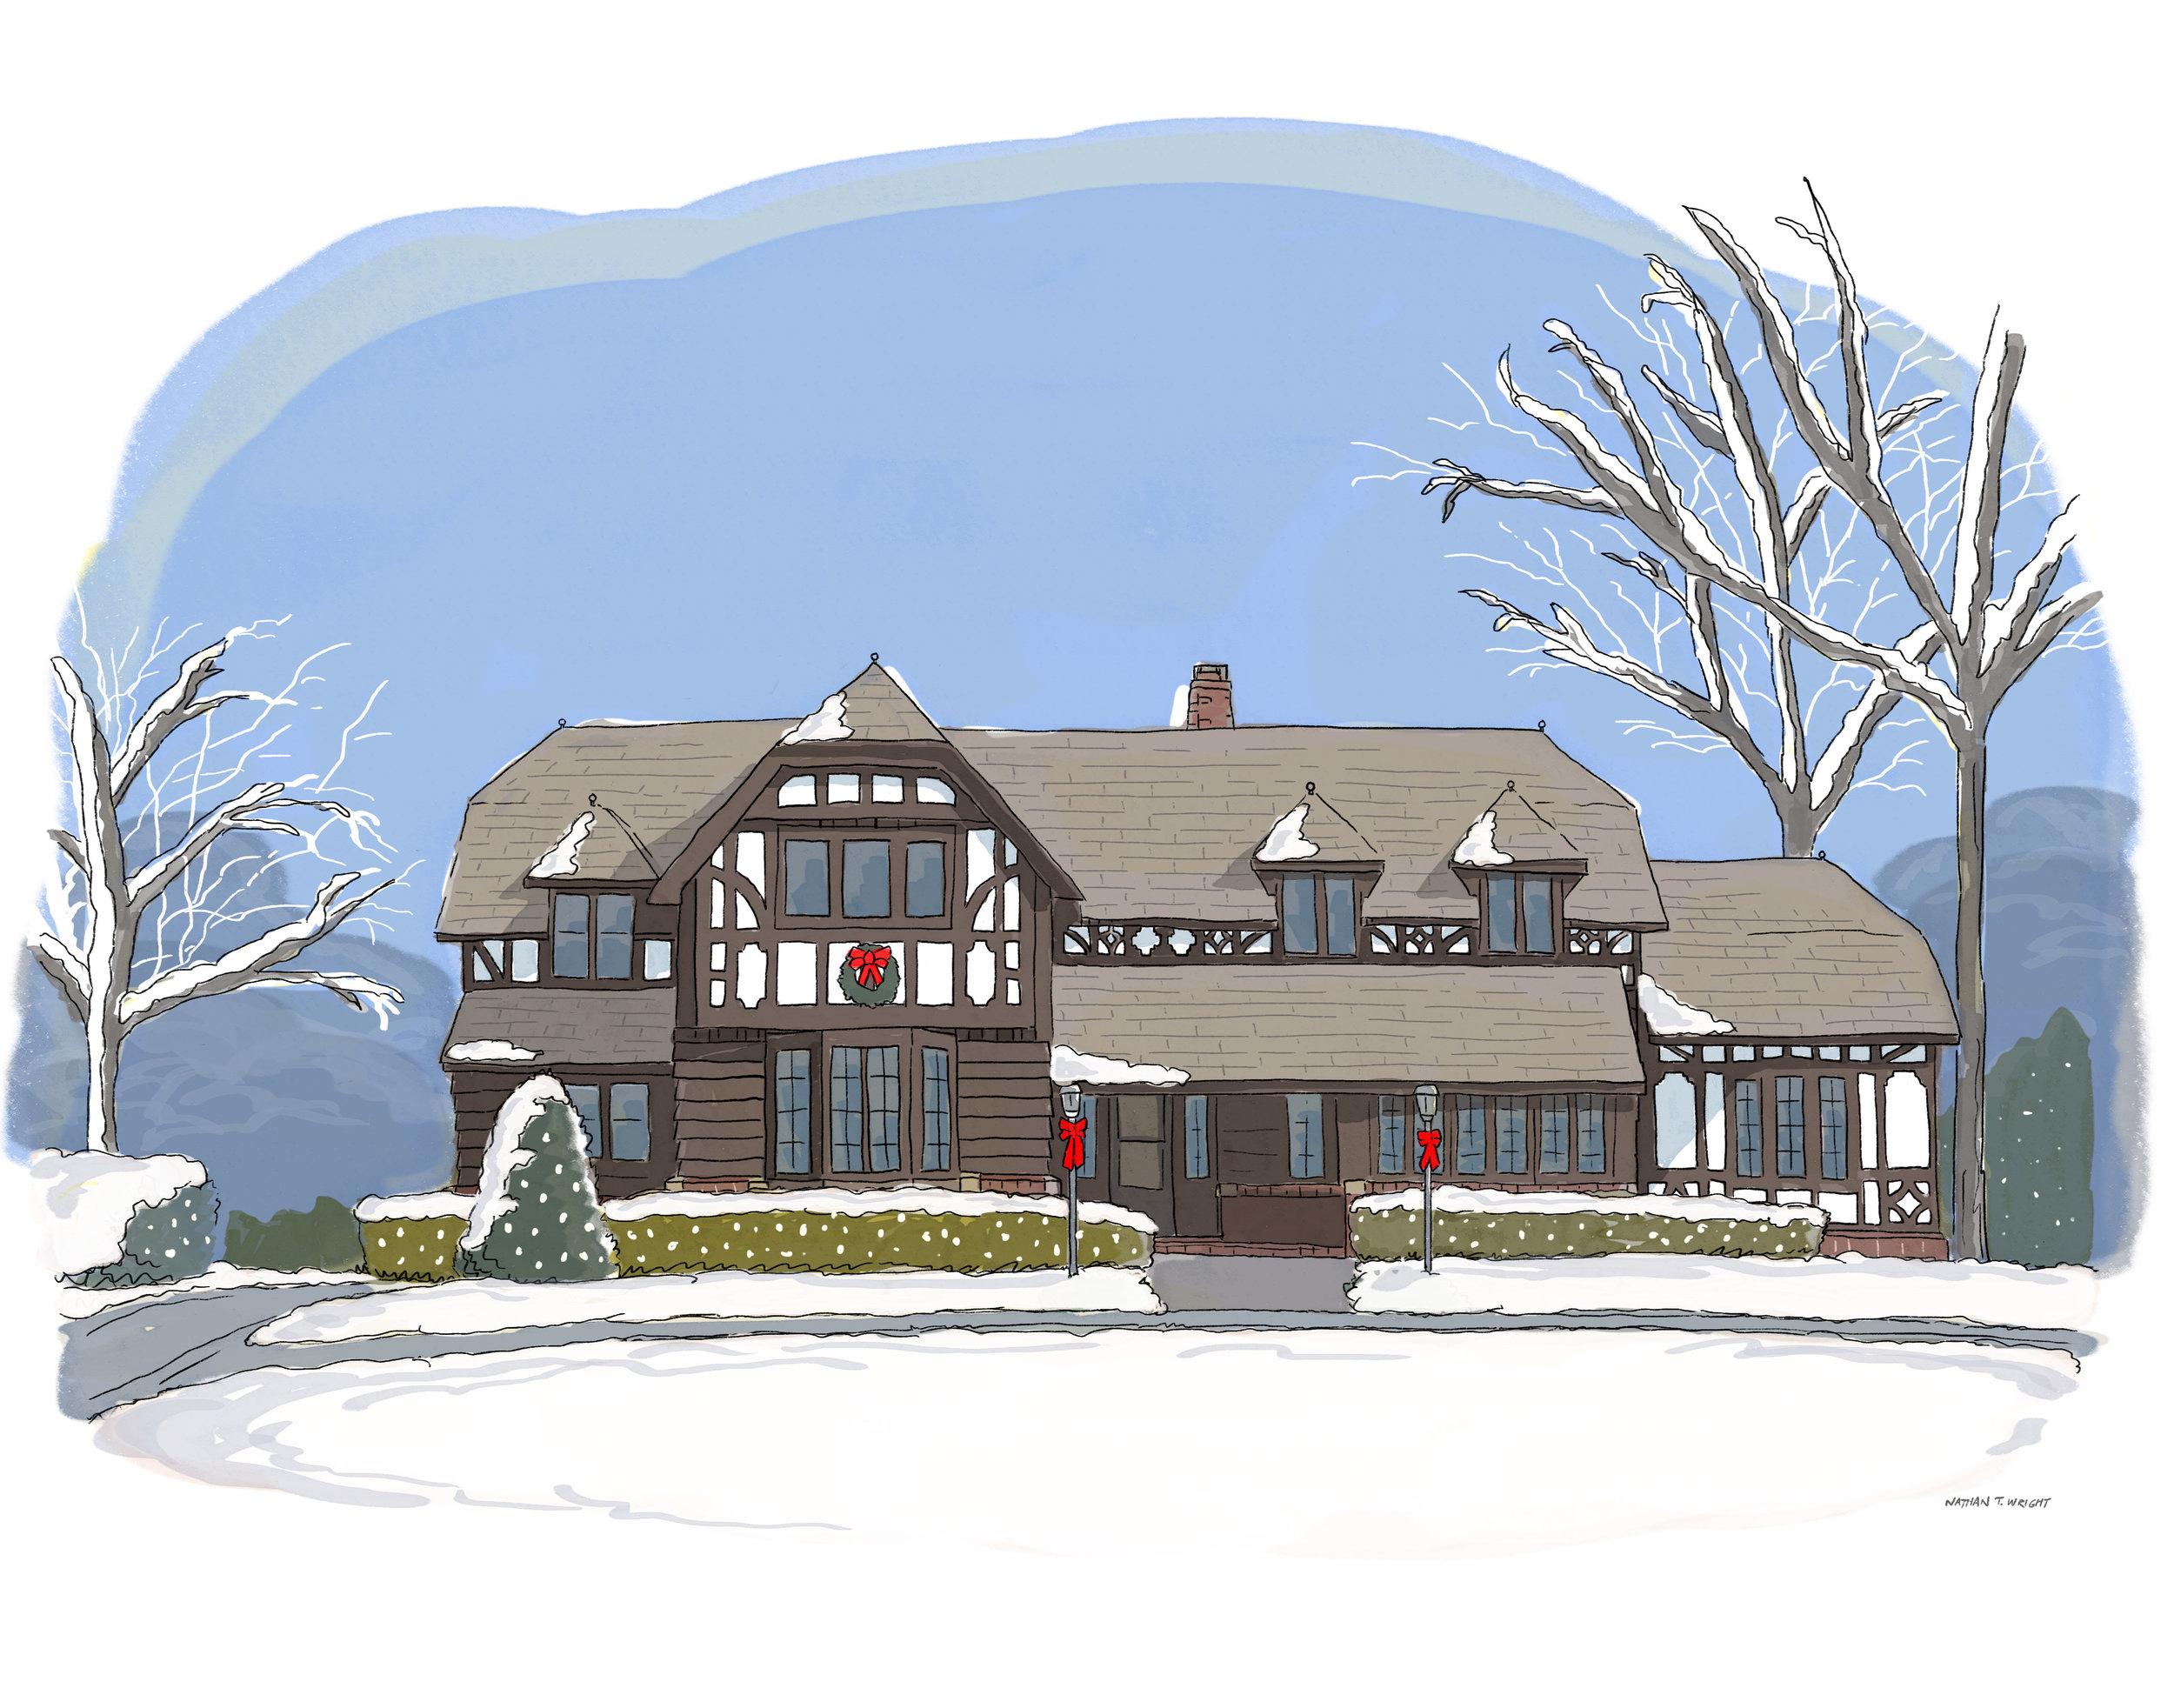 emily-abbas-house-snow.jpg